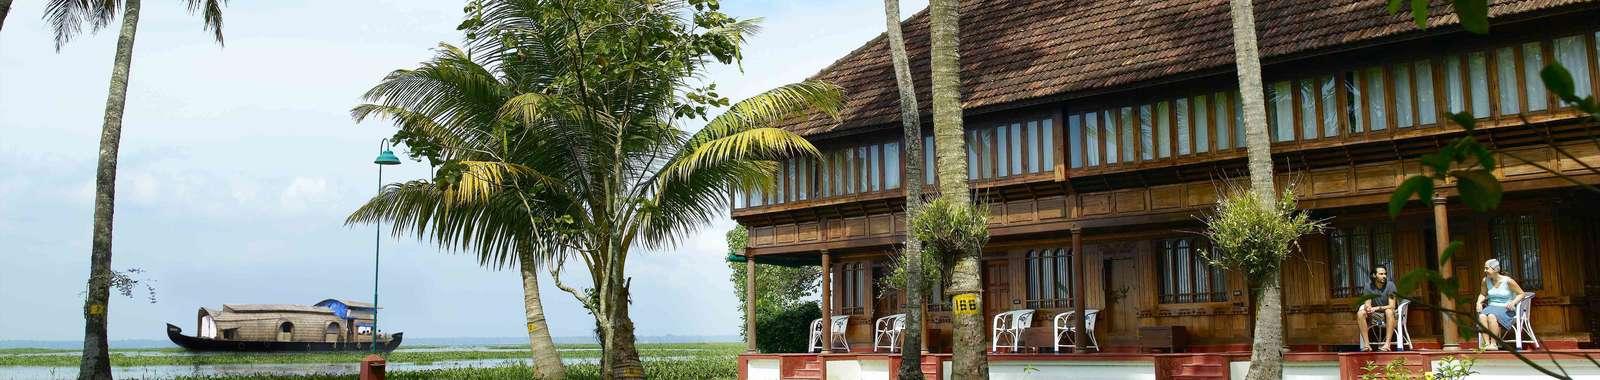 CoconutLagoon,Coconutgroveandlagoons1